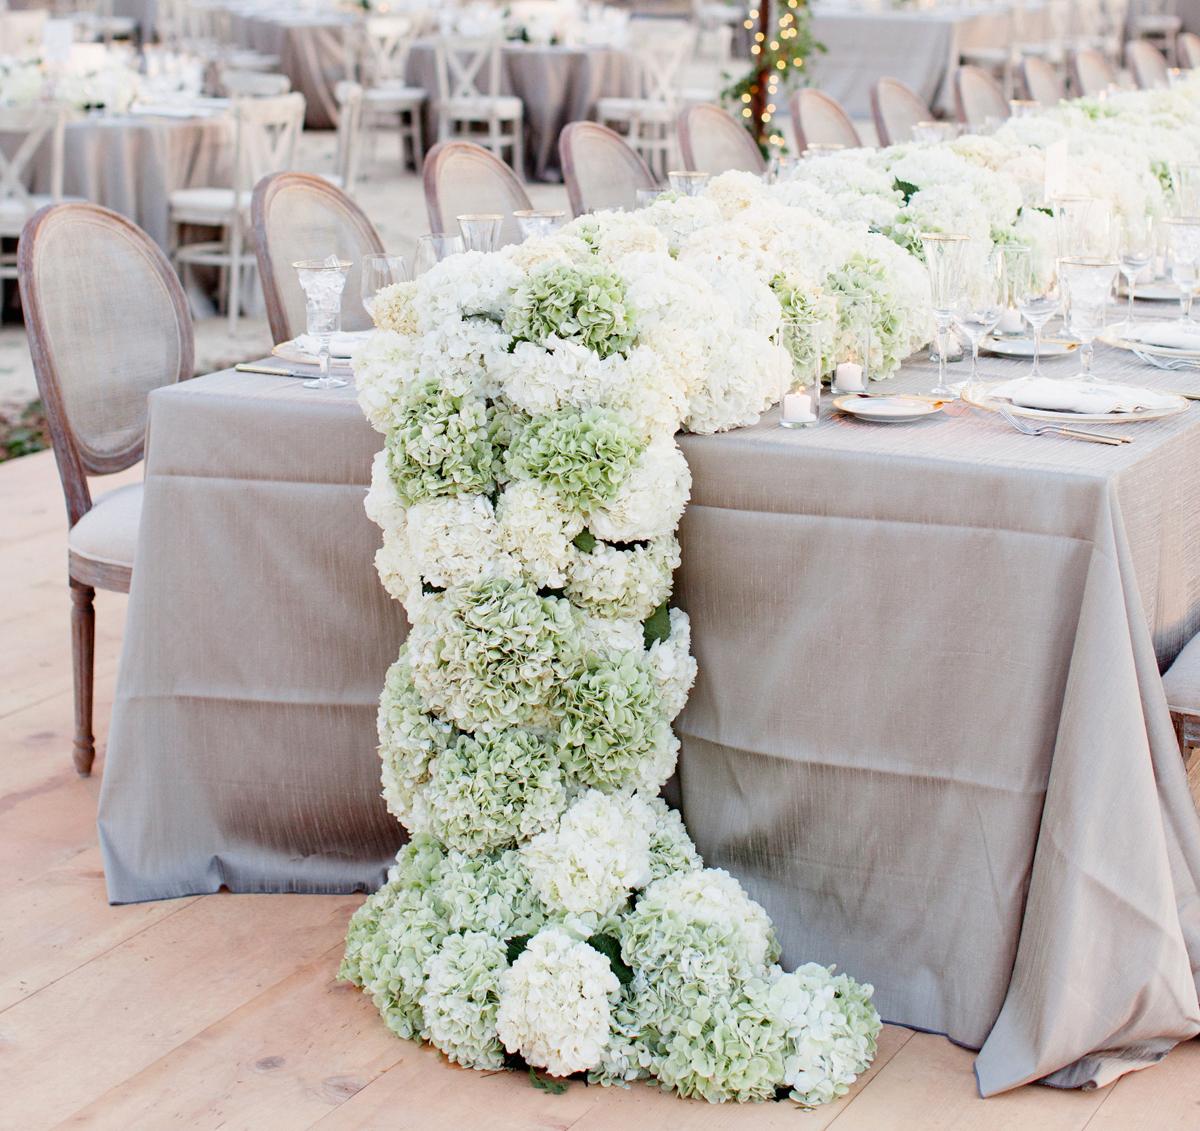 Cascading flower table runner at wedding